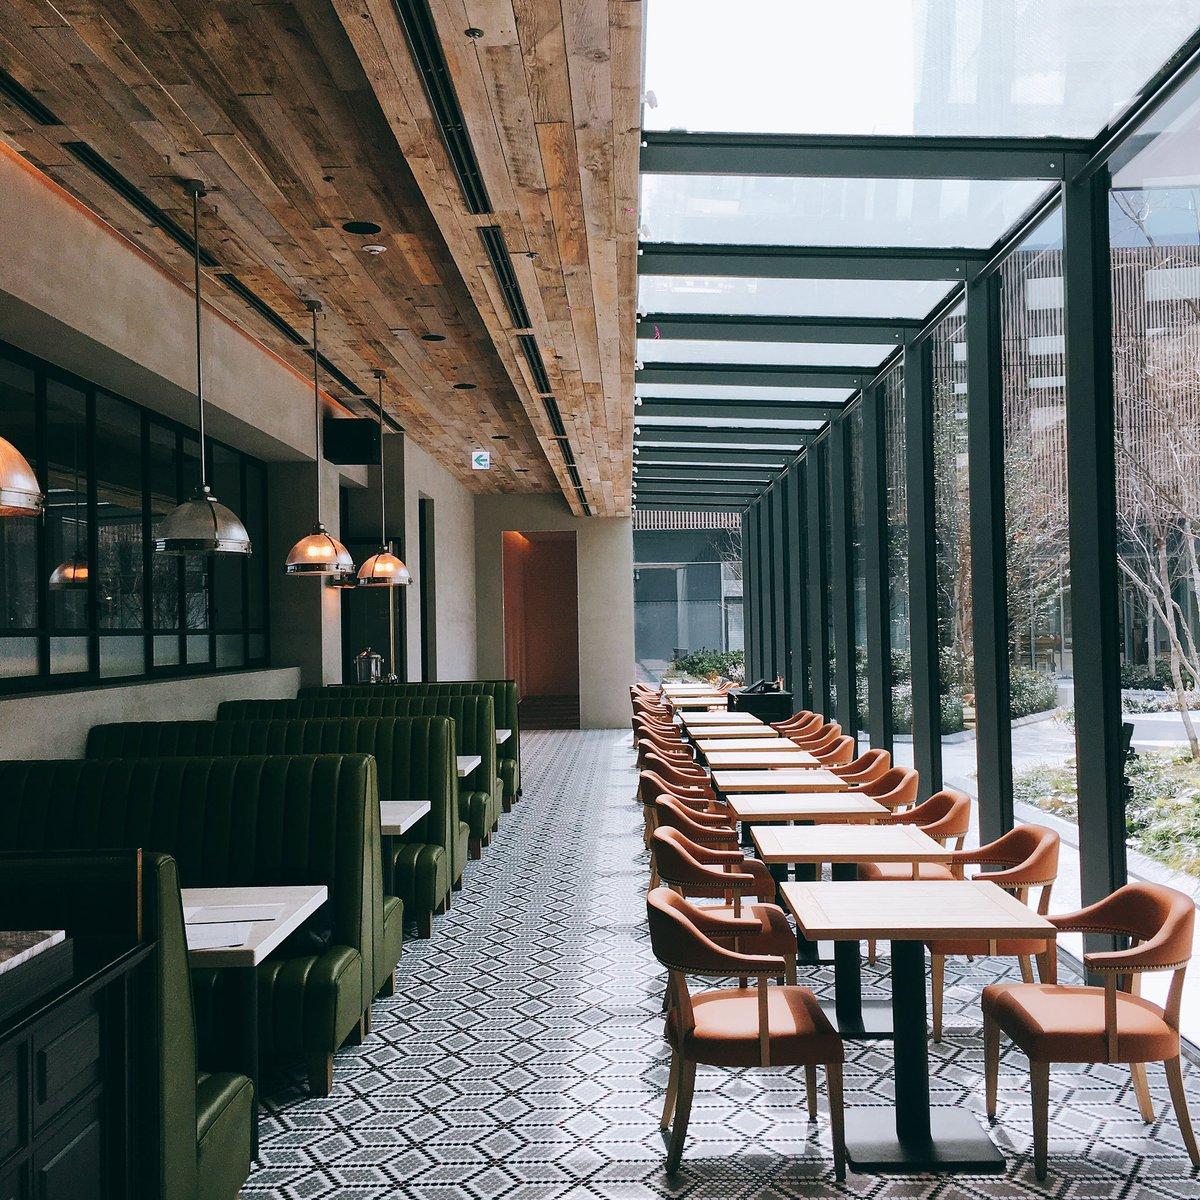 名古屋ゲートタワー内のレストラン&バー「ゲートハウス」のカフェエリア!4月17日オープンです! https://t.co/D3QFDJV8CZ